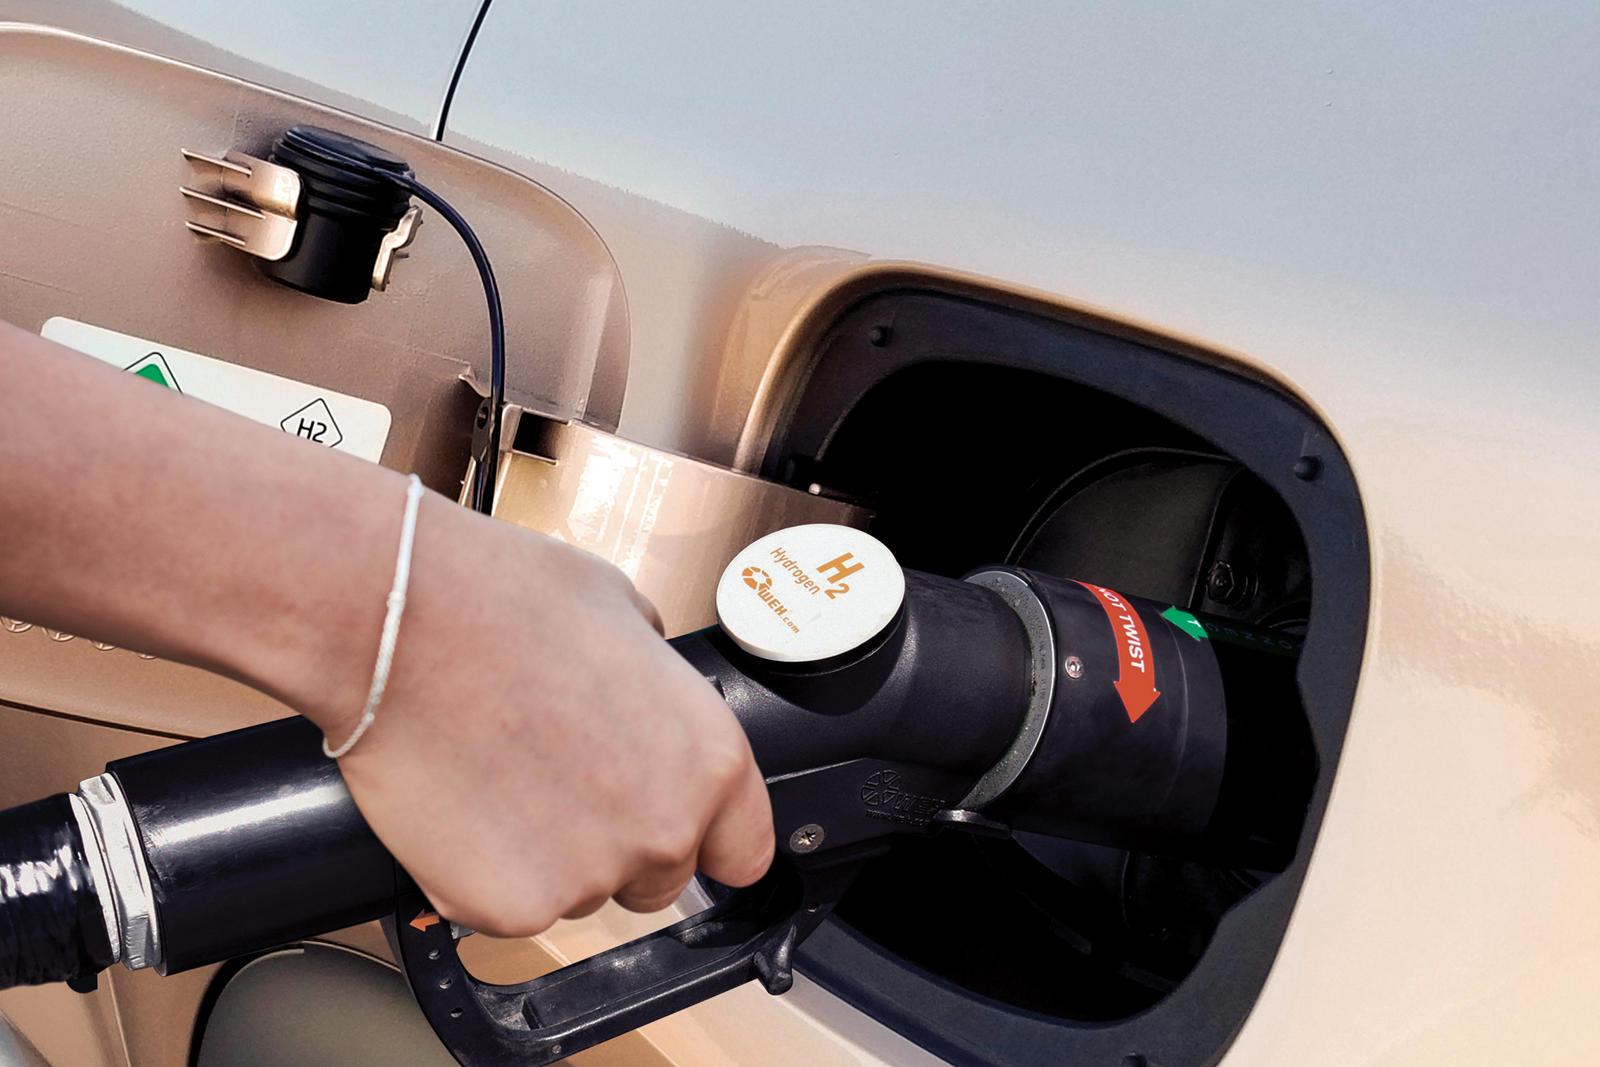 Поскольку все больше автопроизводителей переходят на электрификацию, автомобильная промышленность сейчас переживает период серьезных преобразований, направленных на сокращение глобальных выбросов. Hyundai, с другой стороны, является одним из немногих